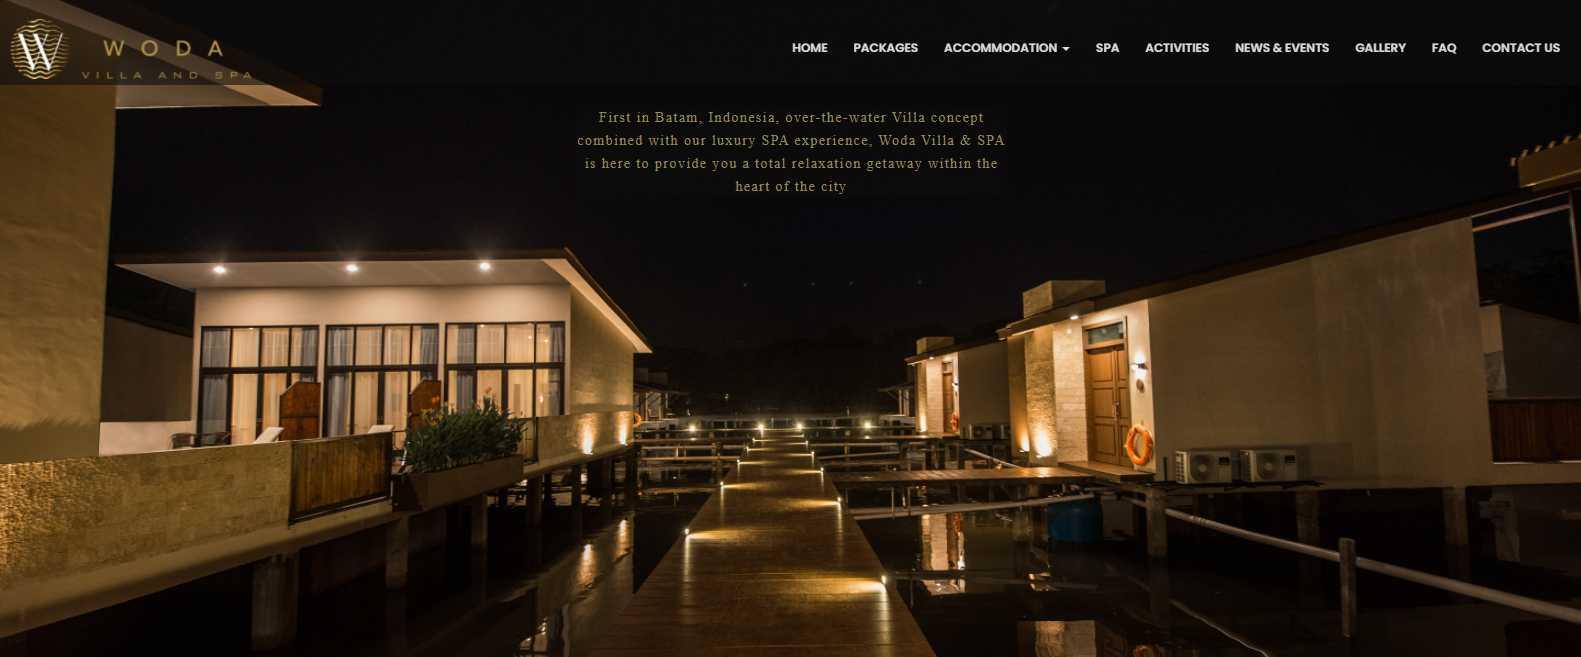 WODA Villa and Spa Top Batam Hotels and Resorts